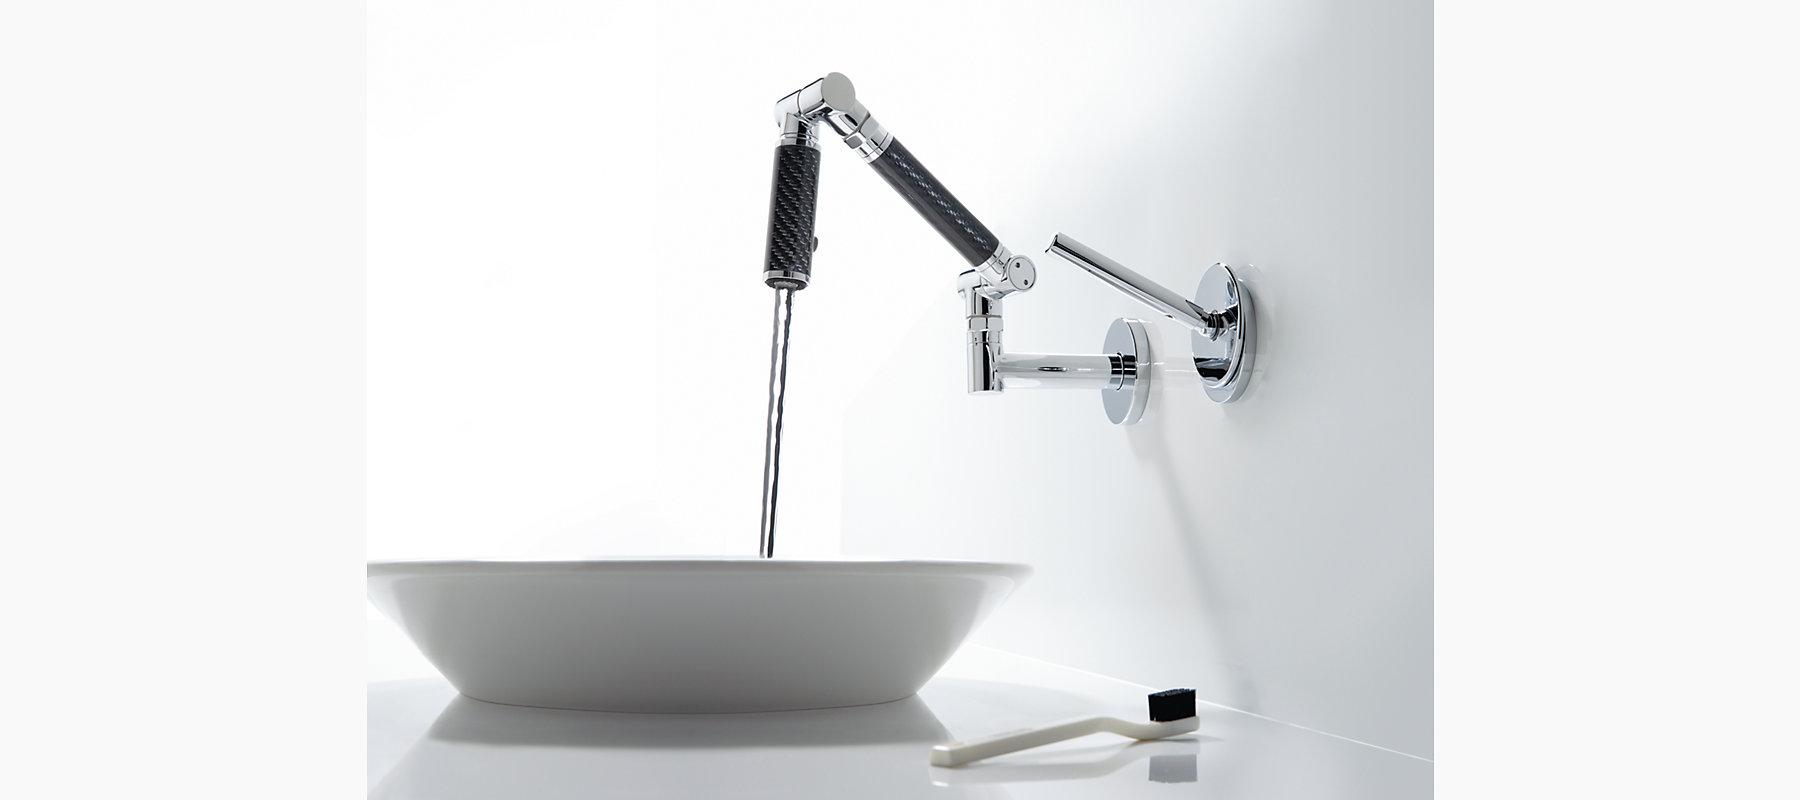 Karbon Wall-Mount Bathroom Sink Faucet   K-6269-C12   KOHLER